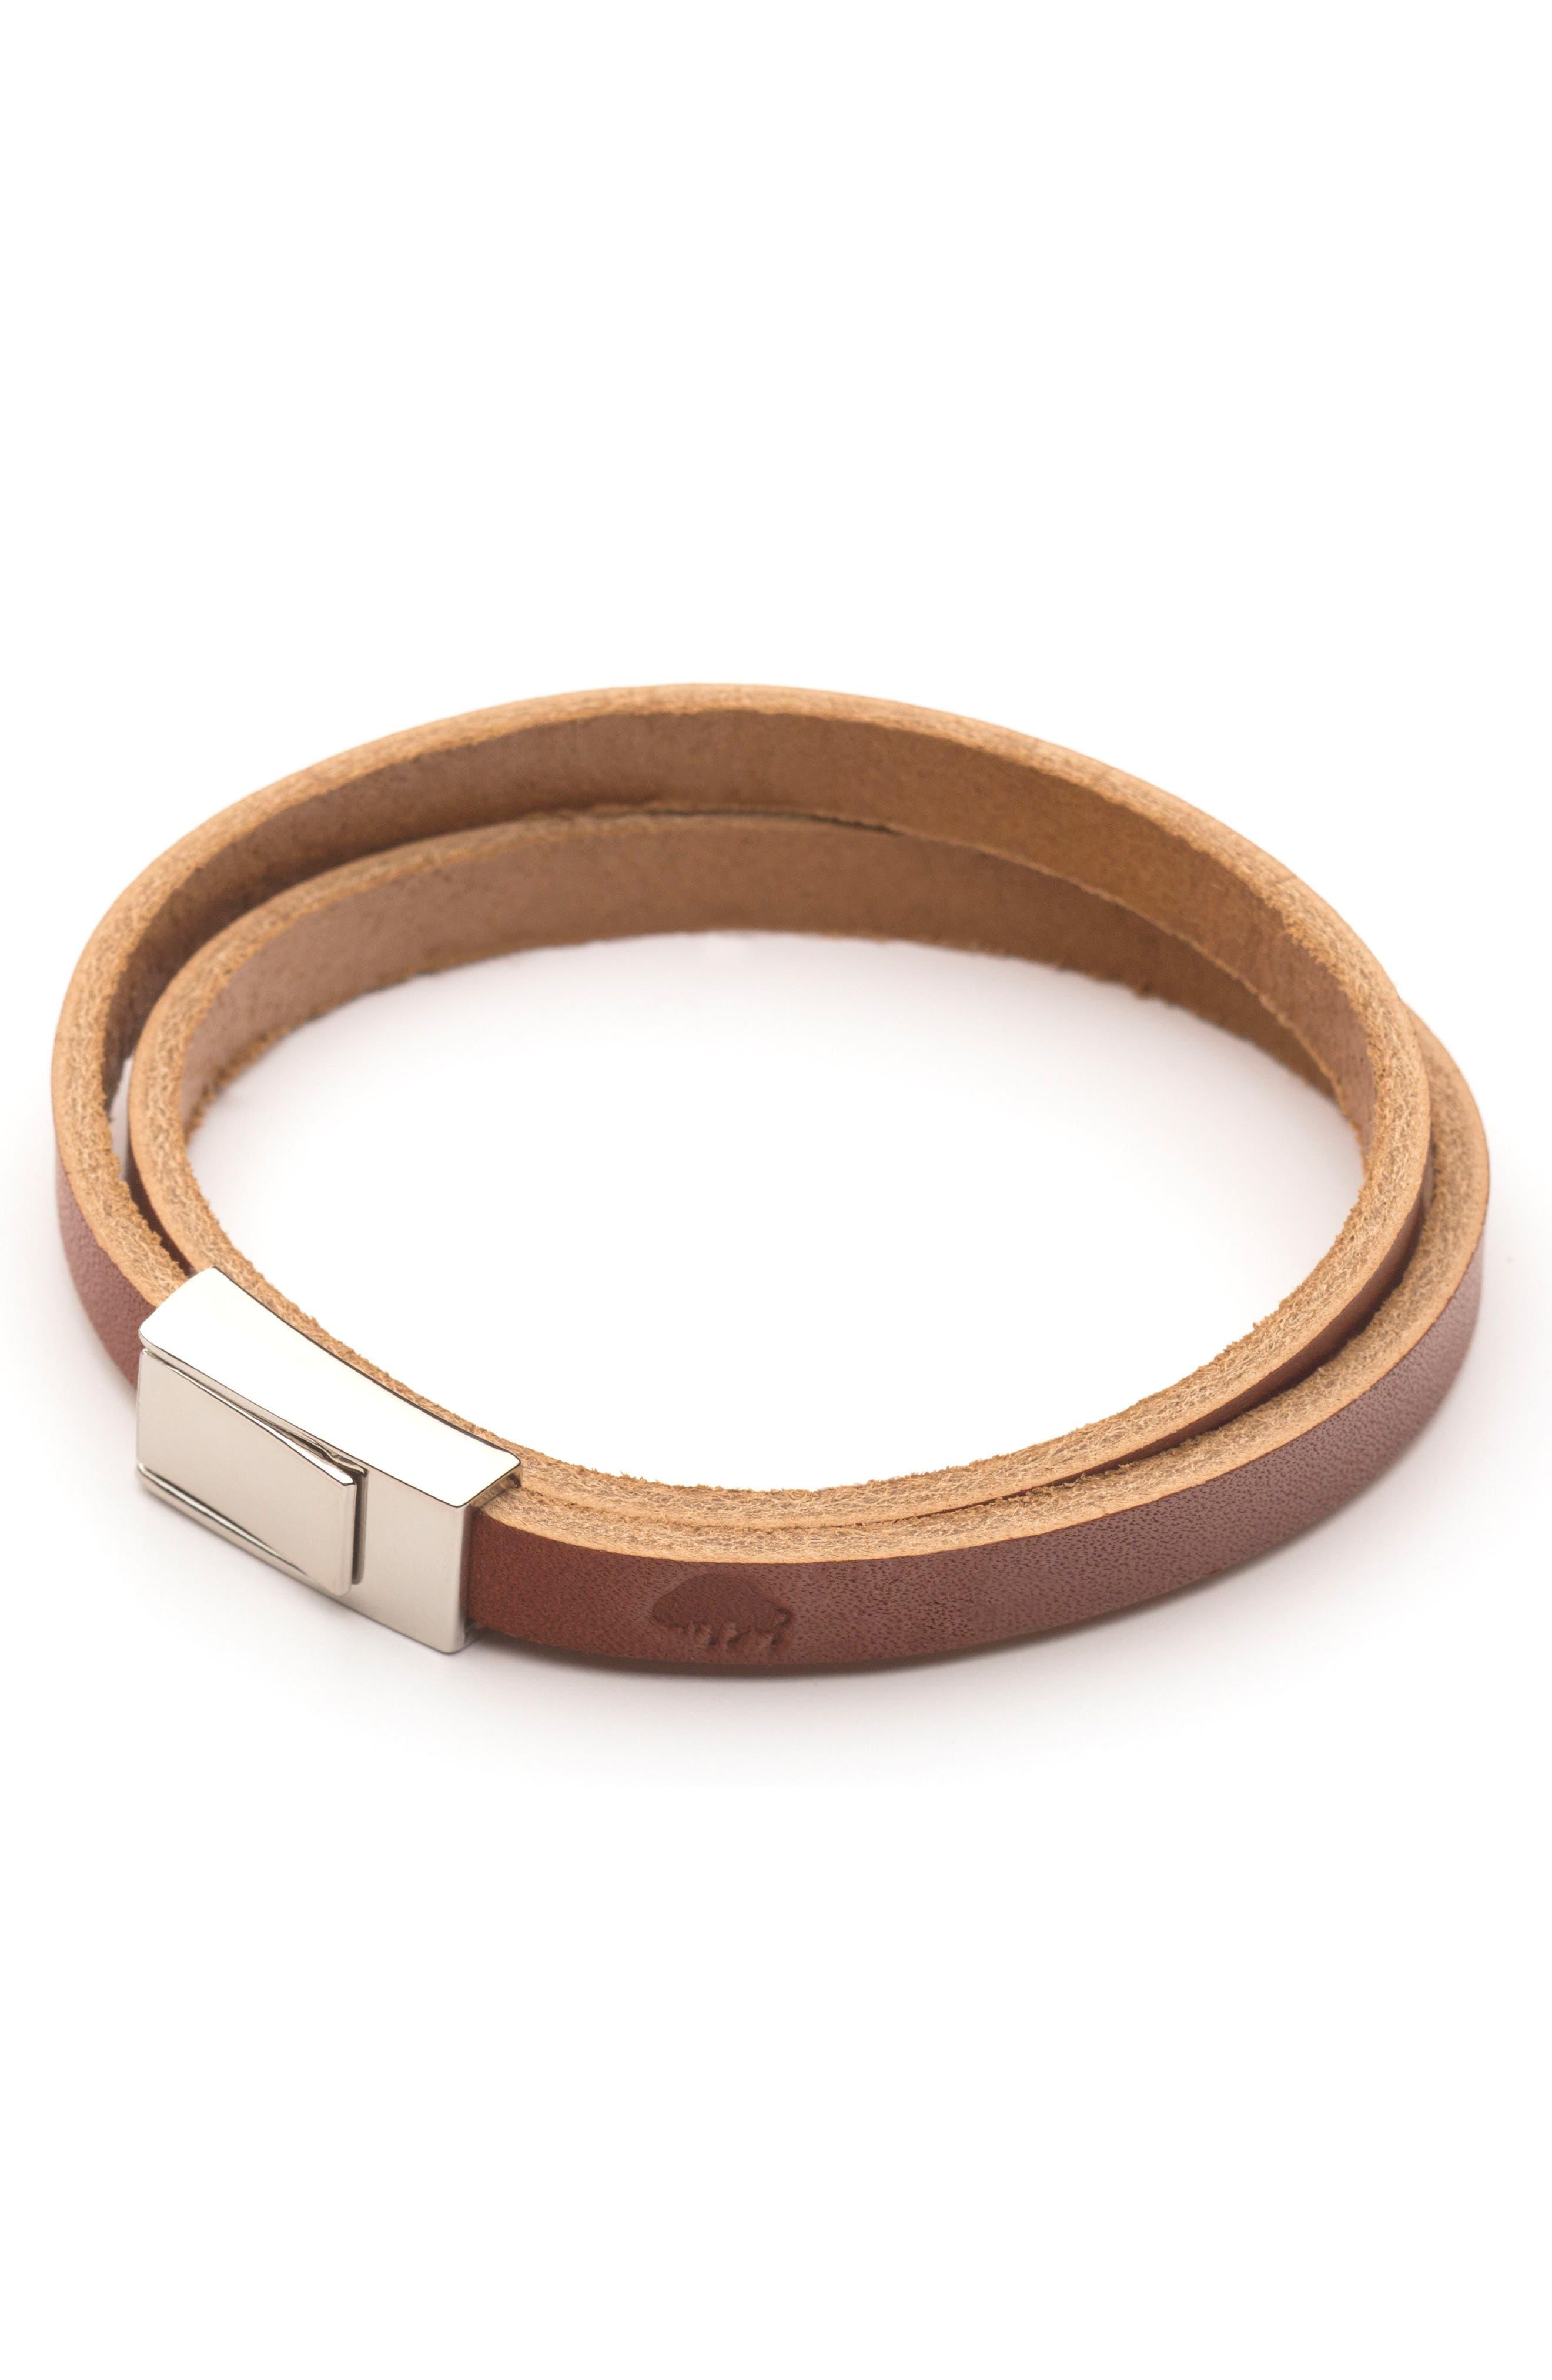 Double Wrap Leather Bracelet,                         Main,                         color, Cognac